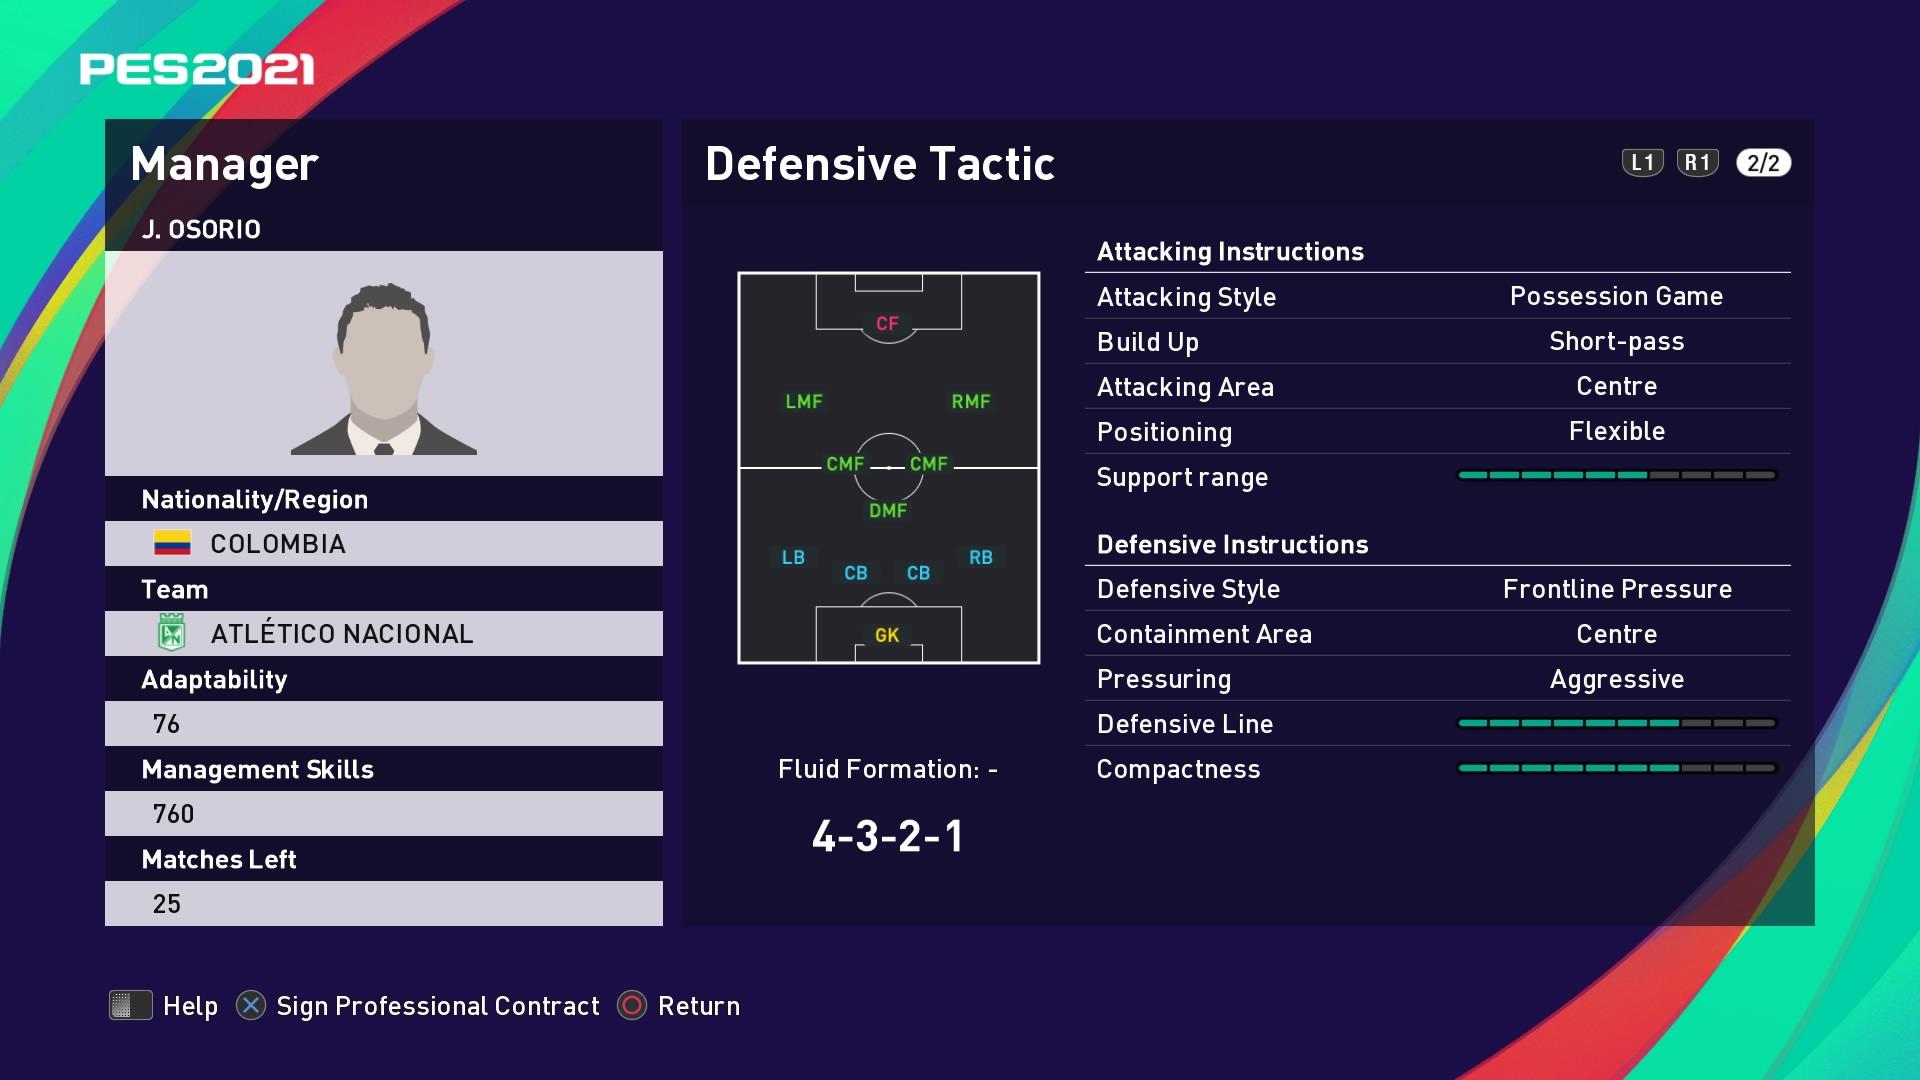 J. Osorio (Juan Carlos Osorio) Defensive Tactic in PES 2021 myClub